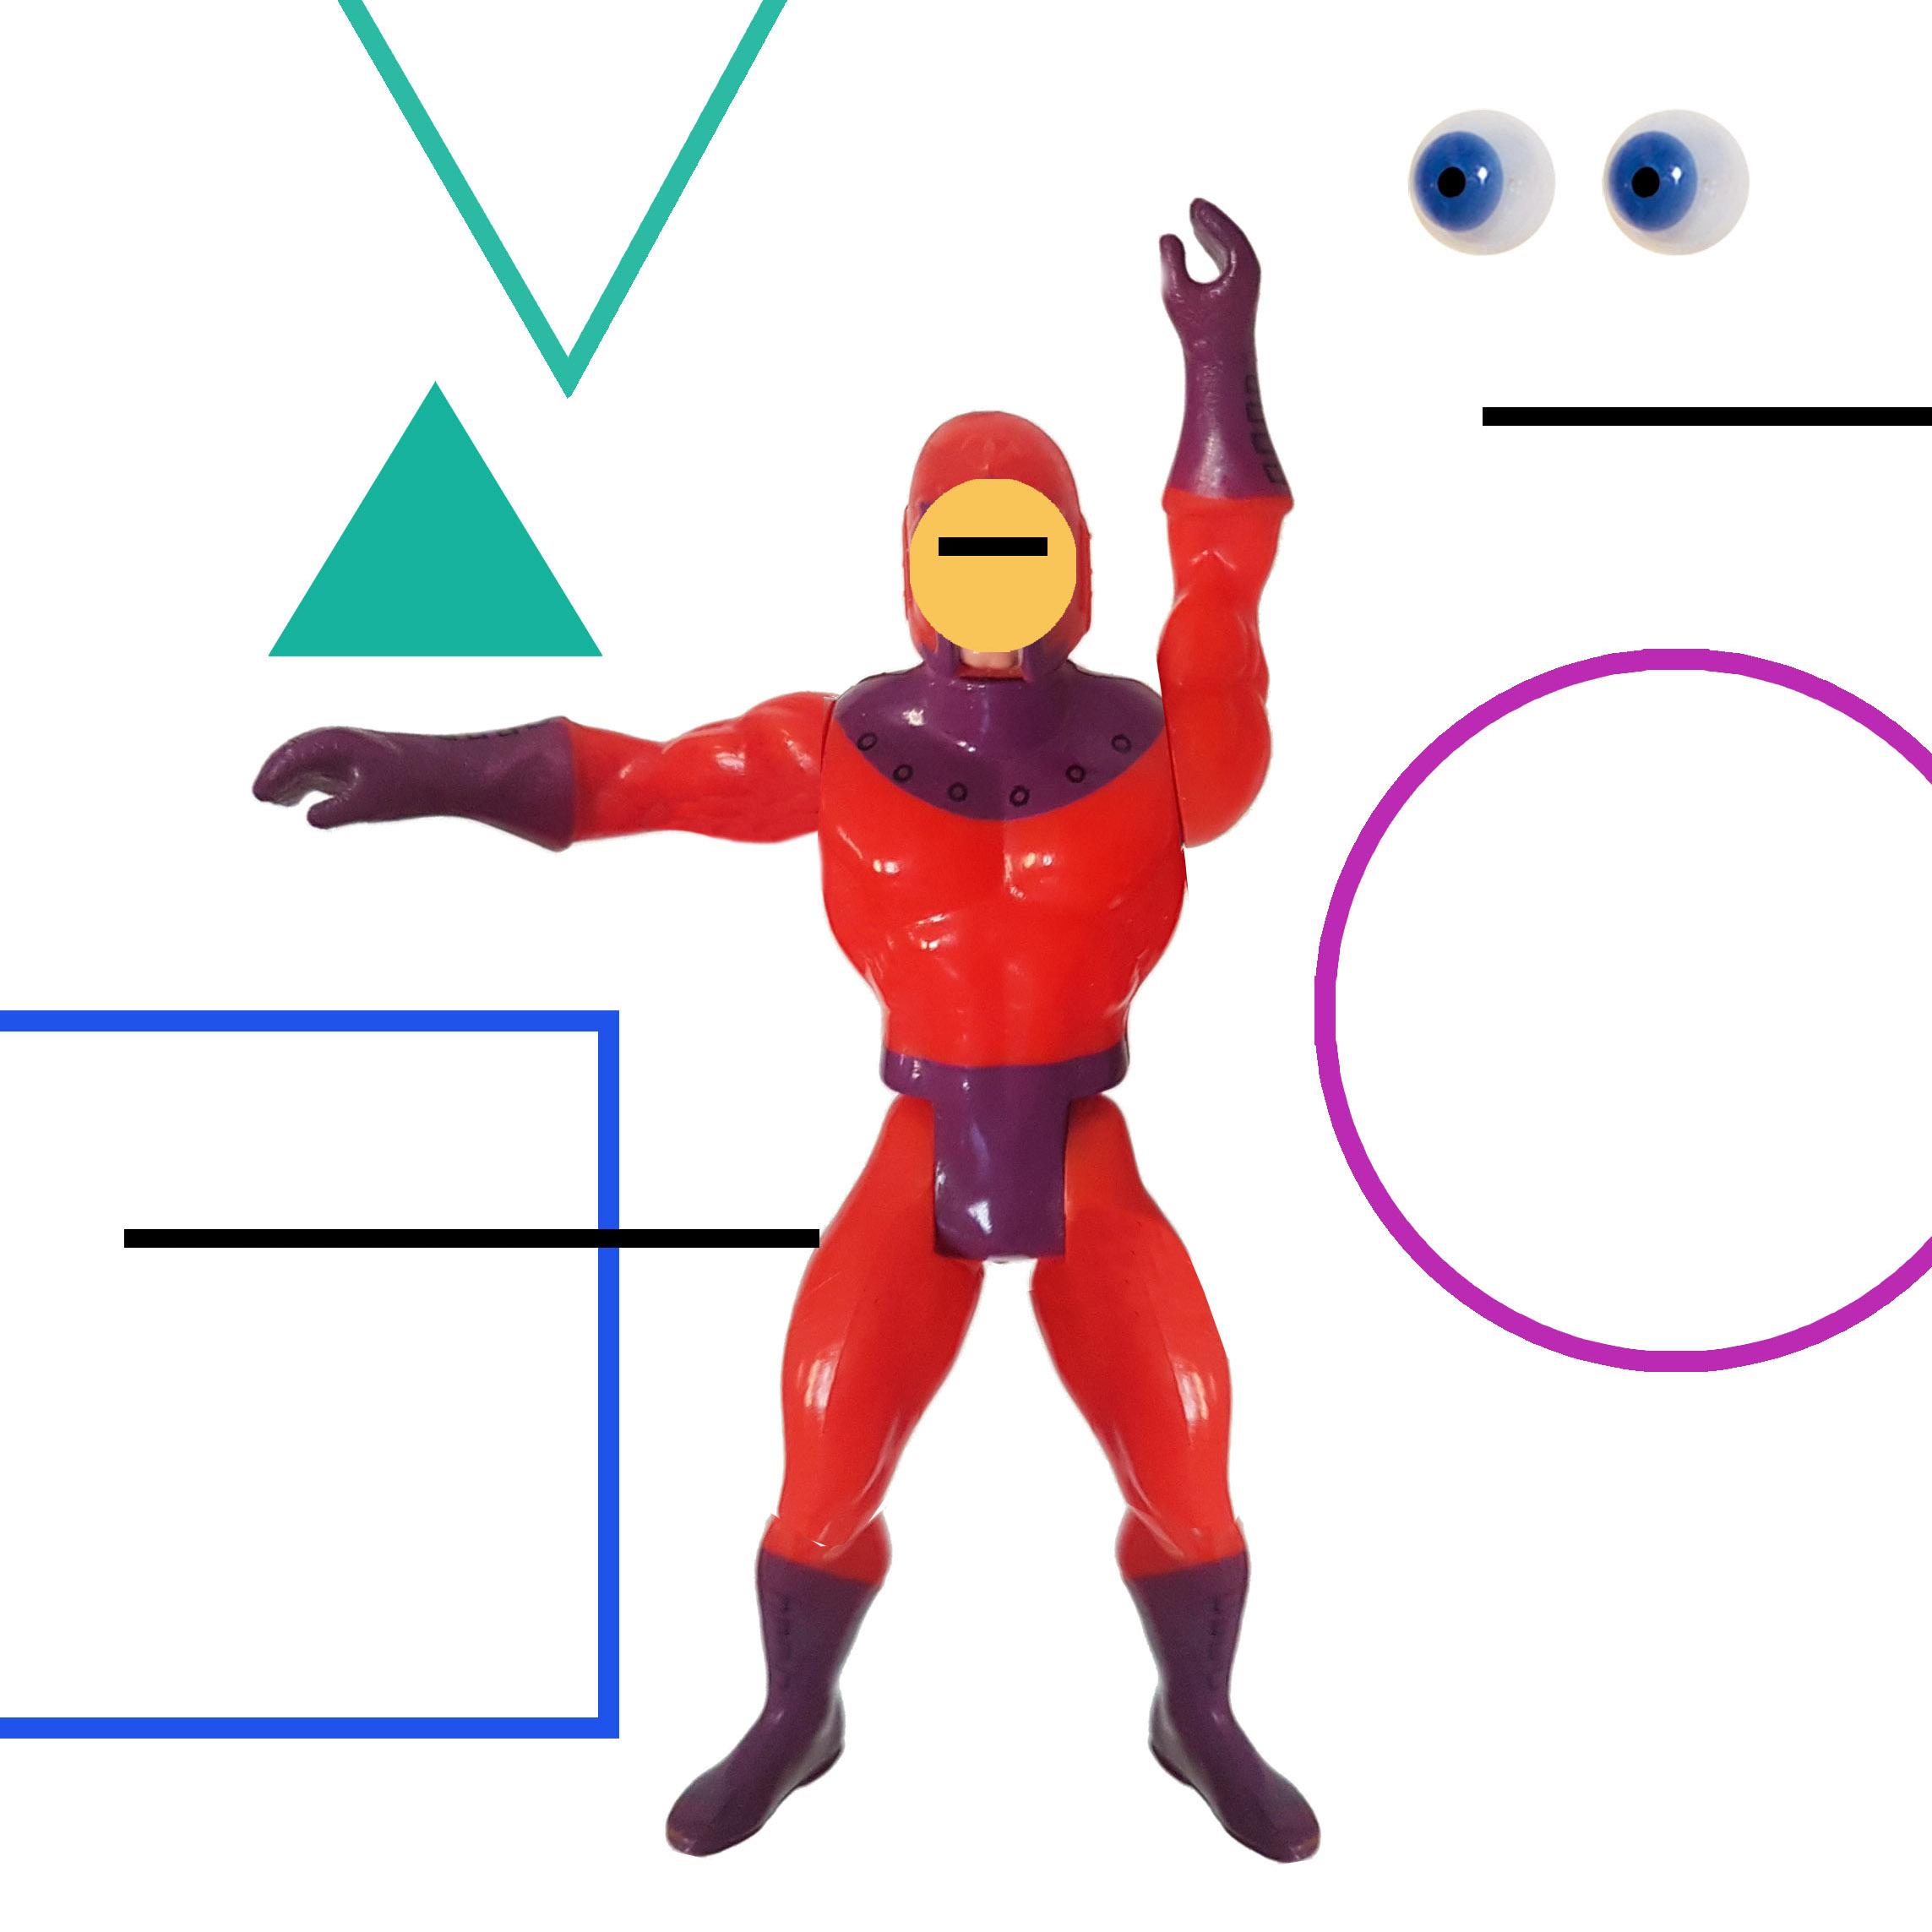 Grafika barwna w formacie kwadratu. Kolaż. Po środku czerwono-fioletowa plastikowa figurka bajkowego superbohatera, który w miejscu twarzy ma żółte kółko z czarną kreską w miejscu oczu. W prawym górnym rogu dwie gałki niebieskich oczu. Wokół różnokolorowe kreski i figury geometryczne.